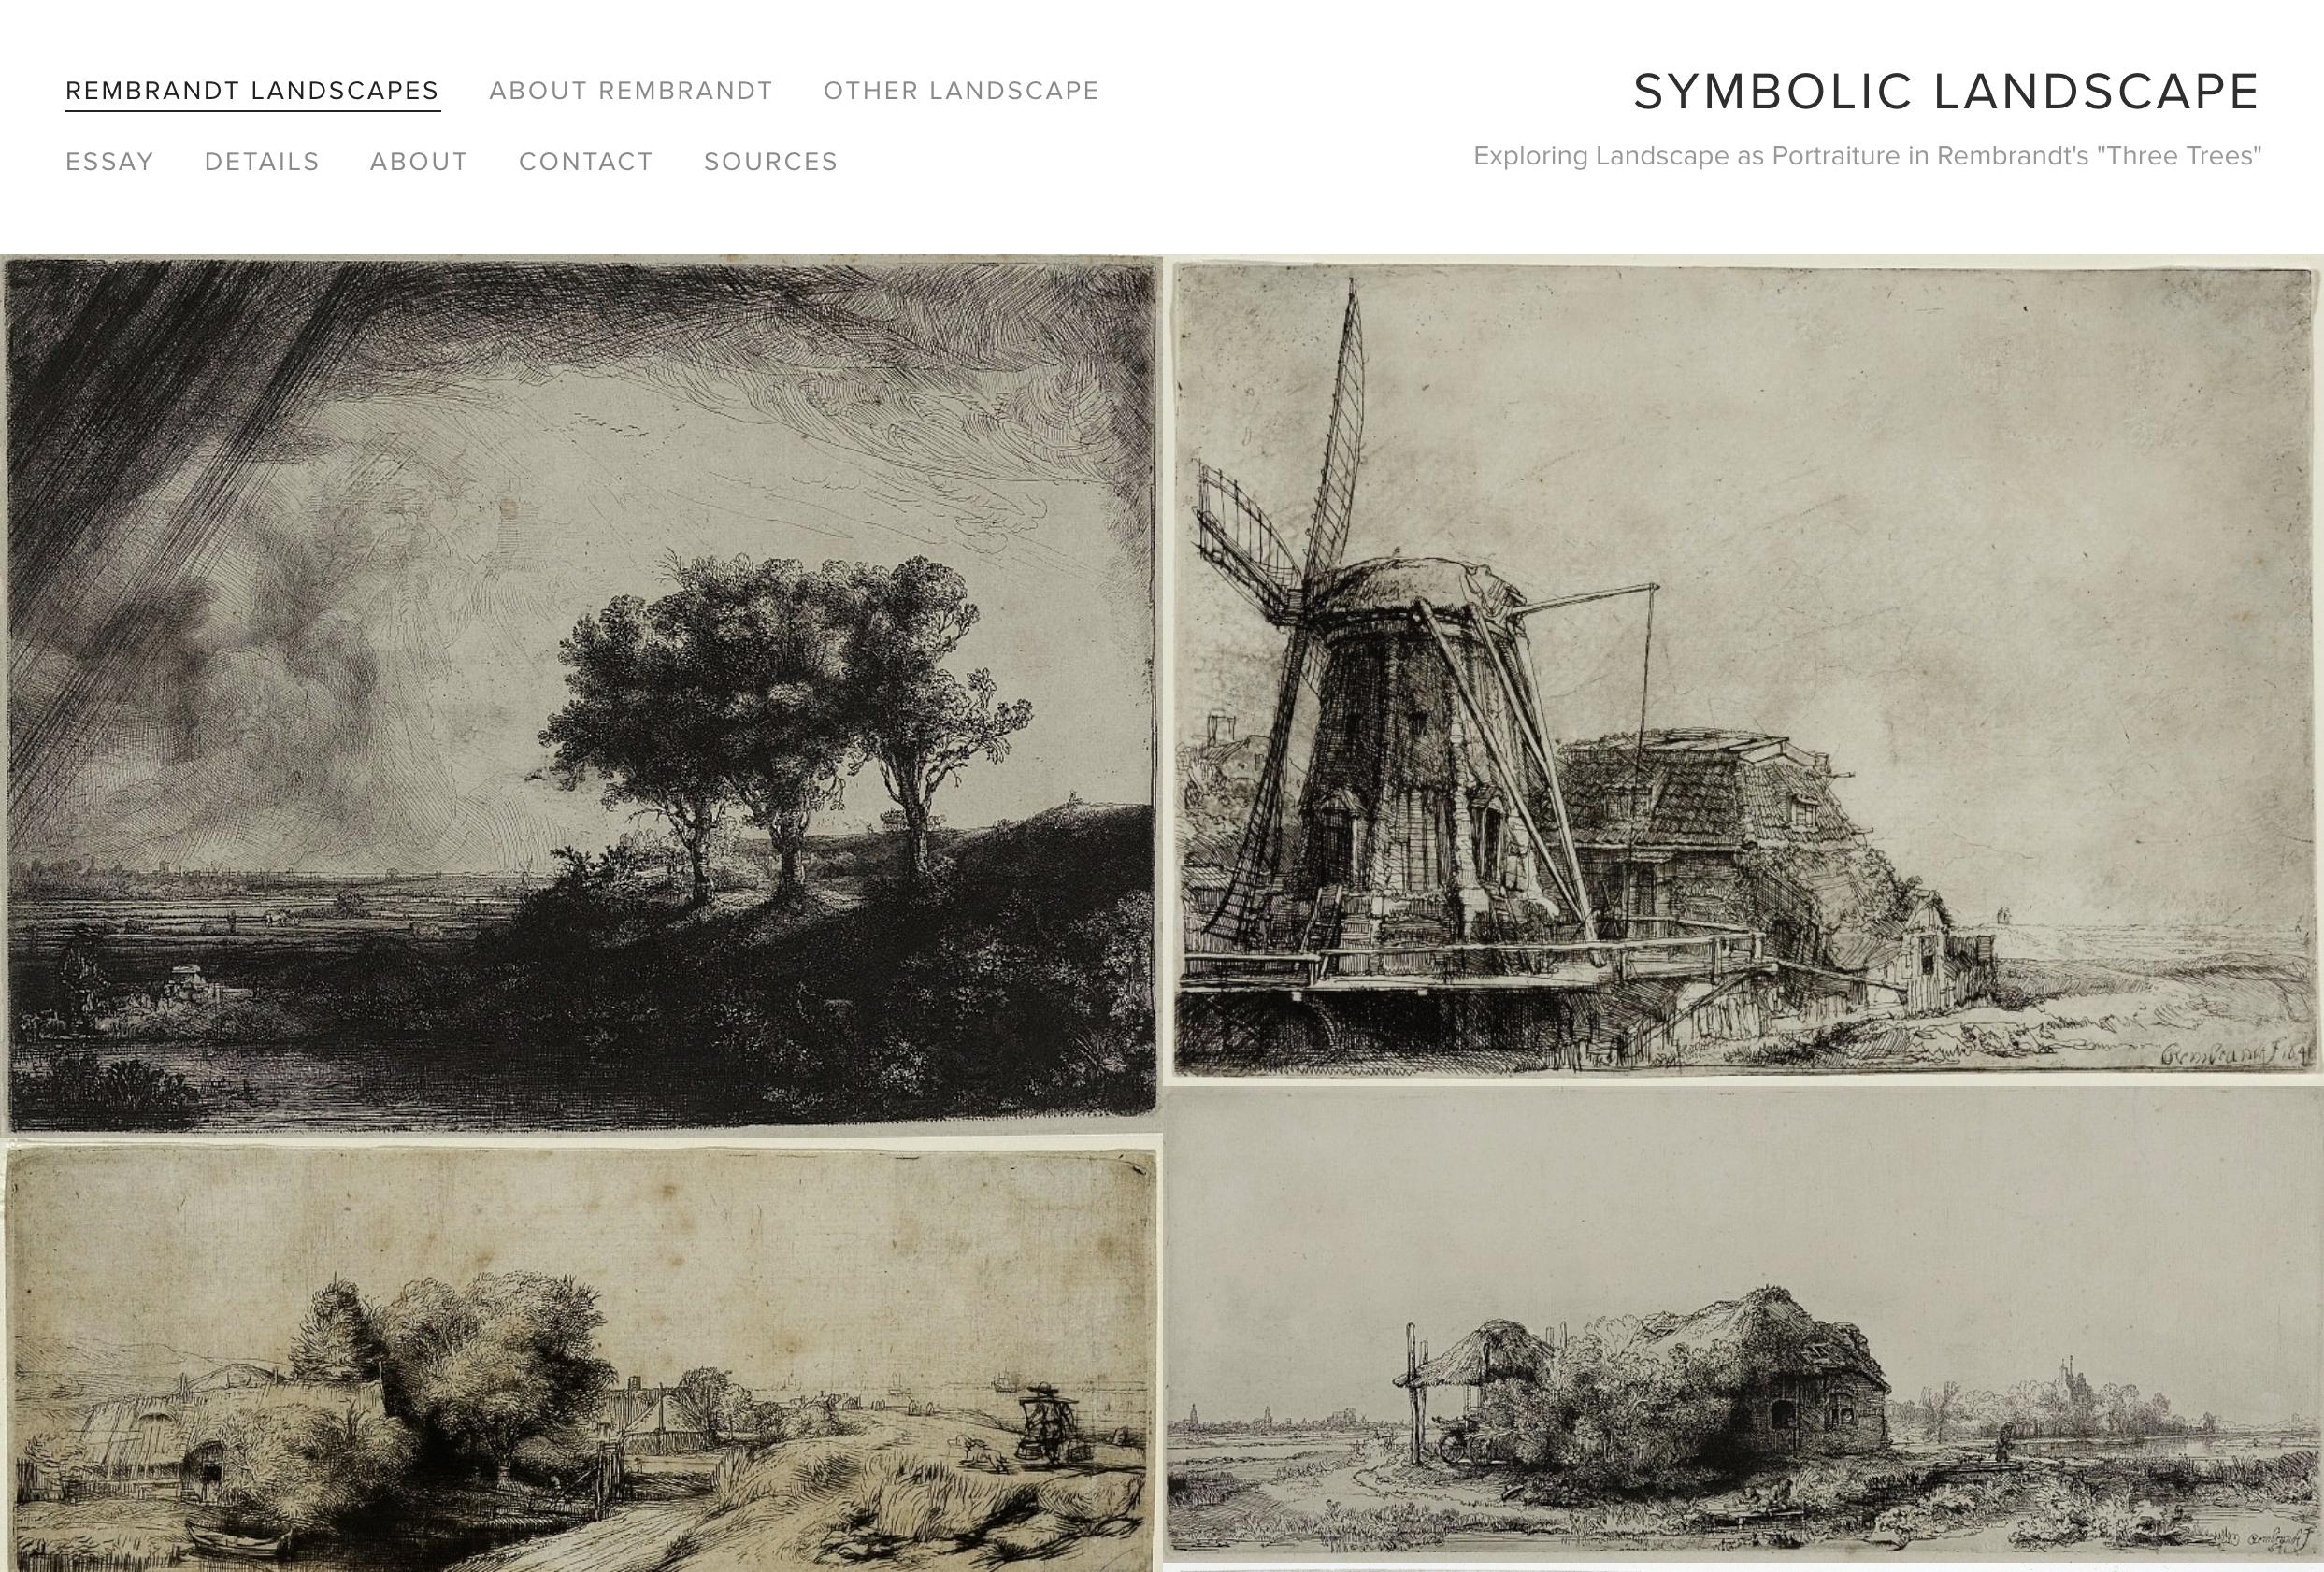 Symbolic Landscape